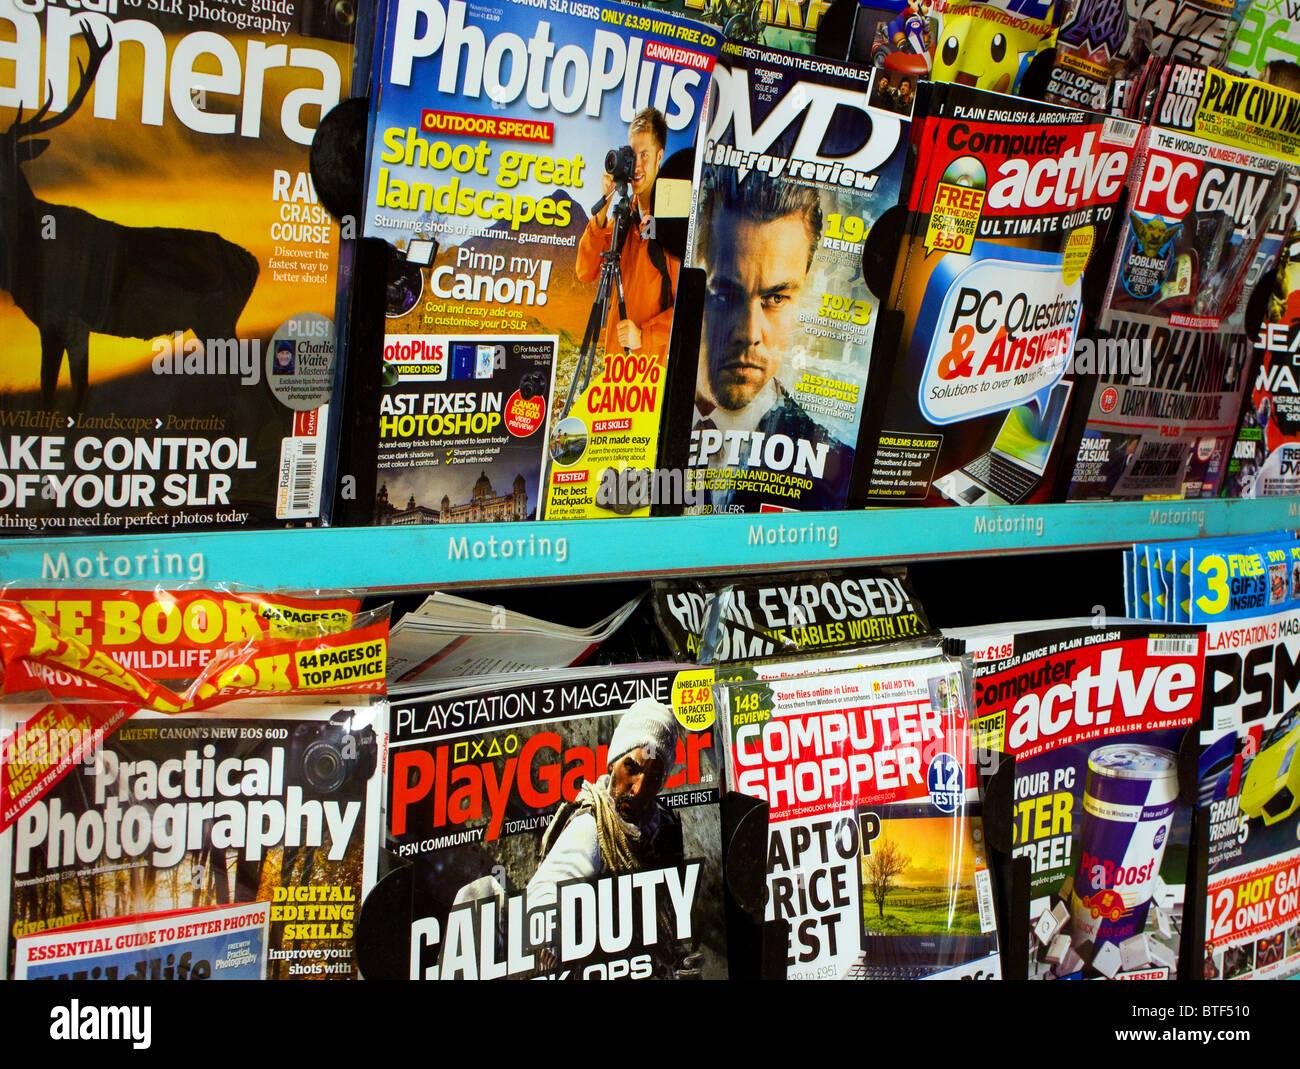 Fotografía y revistas de informática para la venta en los quioscos de prensa shop Imagen De Stock